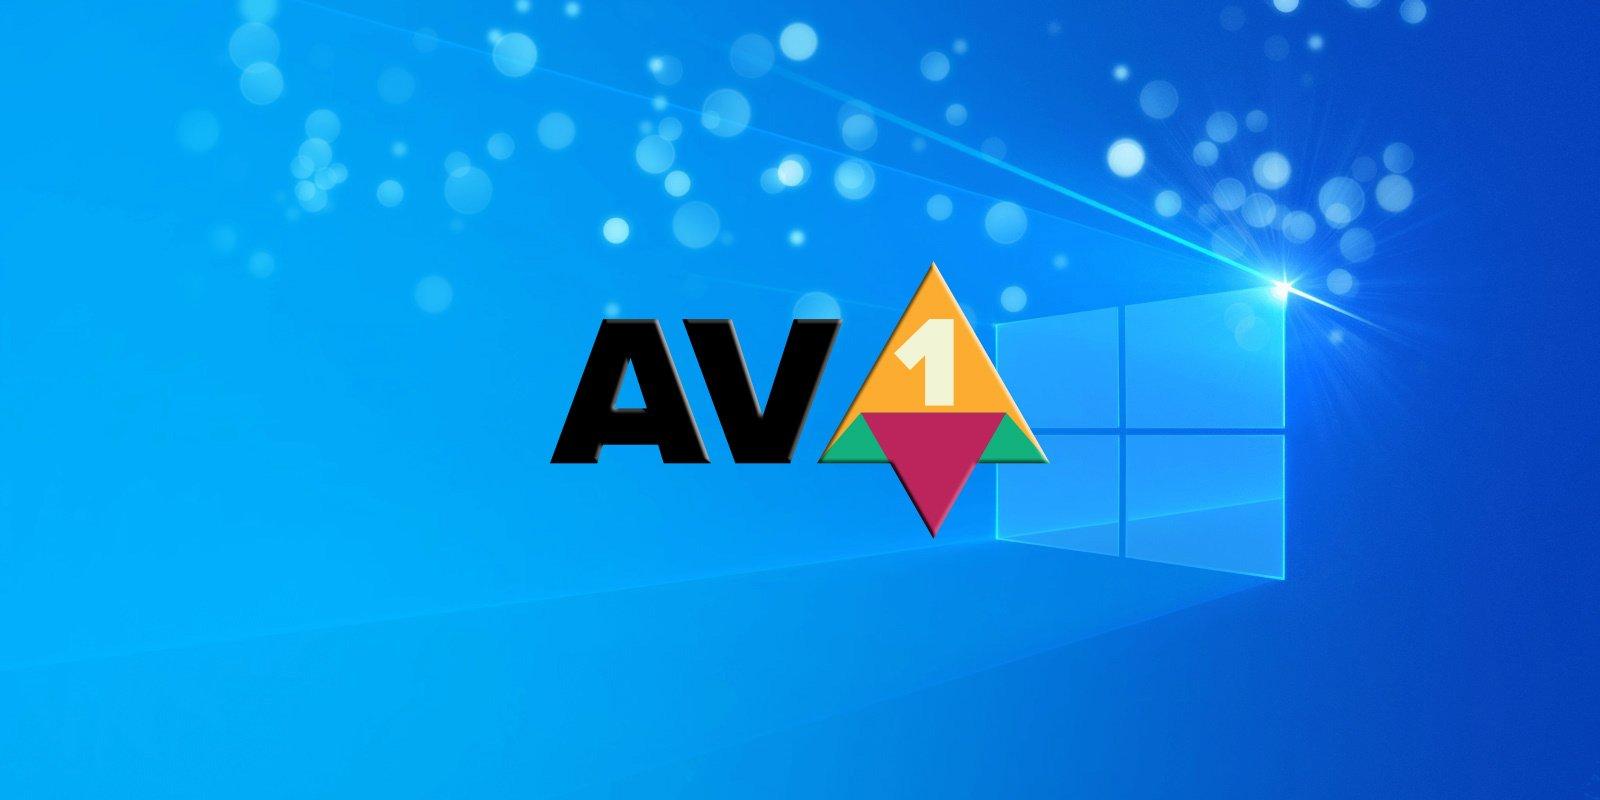 Microsoft thông báo codec AV1 sẽ được hỗ trợ trong Windows 10